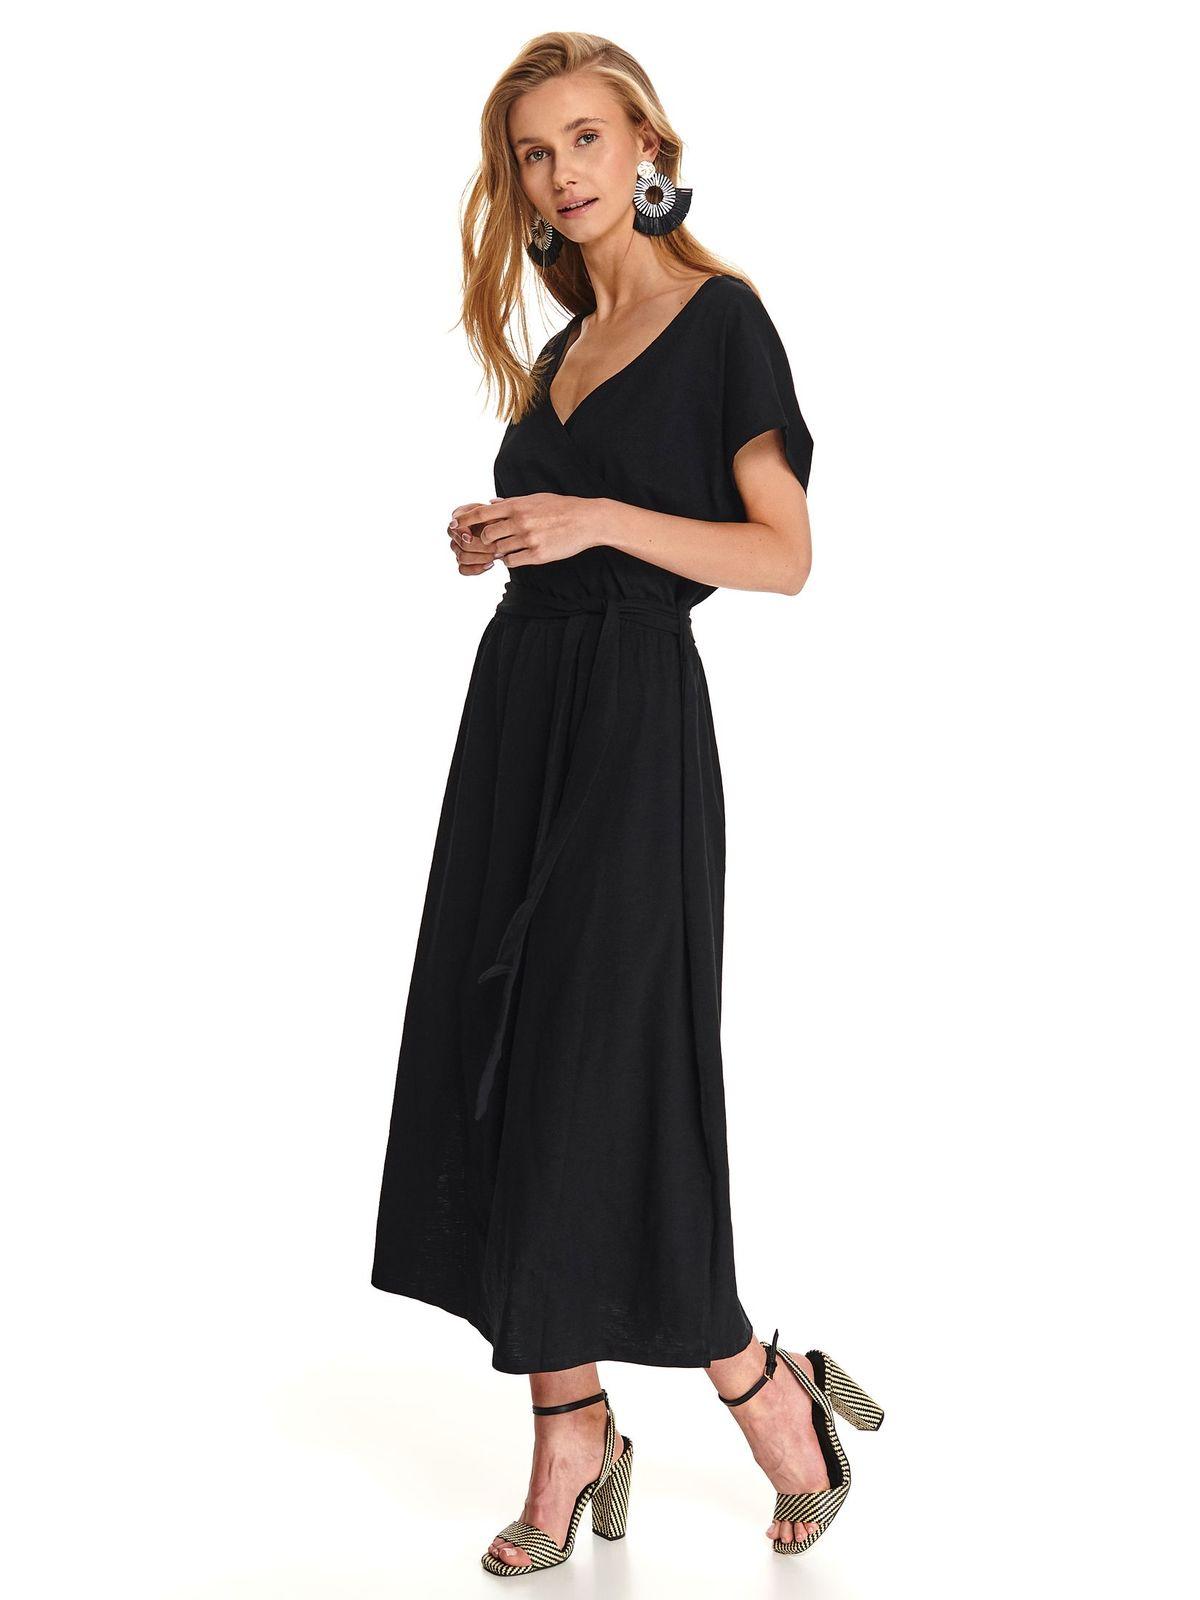 Fekete hétköznapi hosszú ruha vékony anyag lábon sliccelt